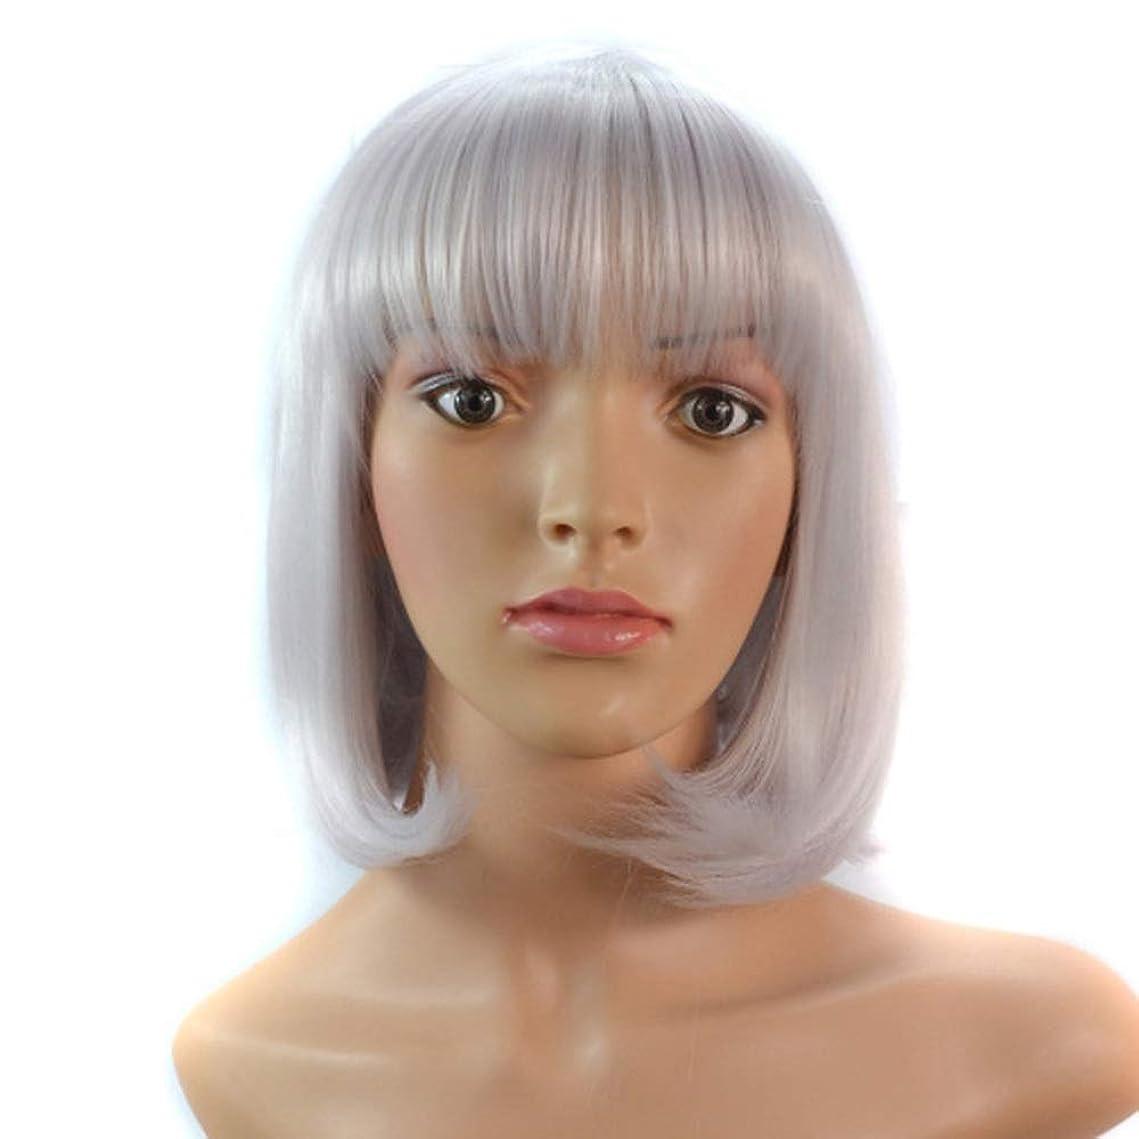 除外する椅子到着YESONEEP 女性のストレートショートボブスタイリッシュな耐熱合成シルバーホワイトカラーフルヘアウィッグと前髪パーティーウィッグ (Color : Silver white, サイズ : 40cm)